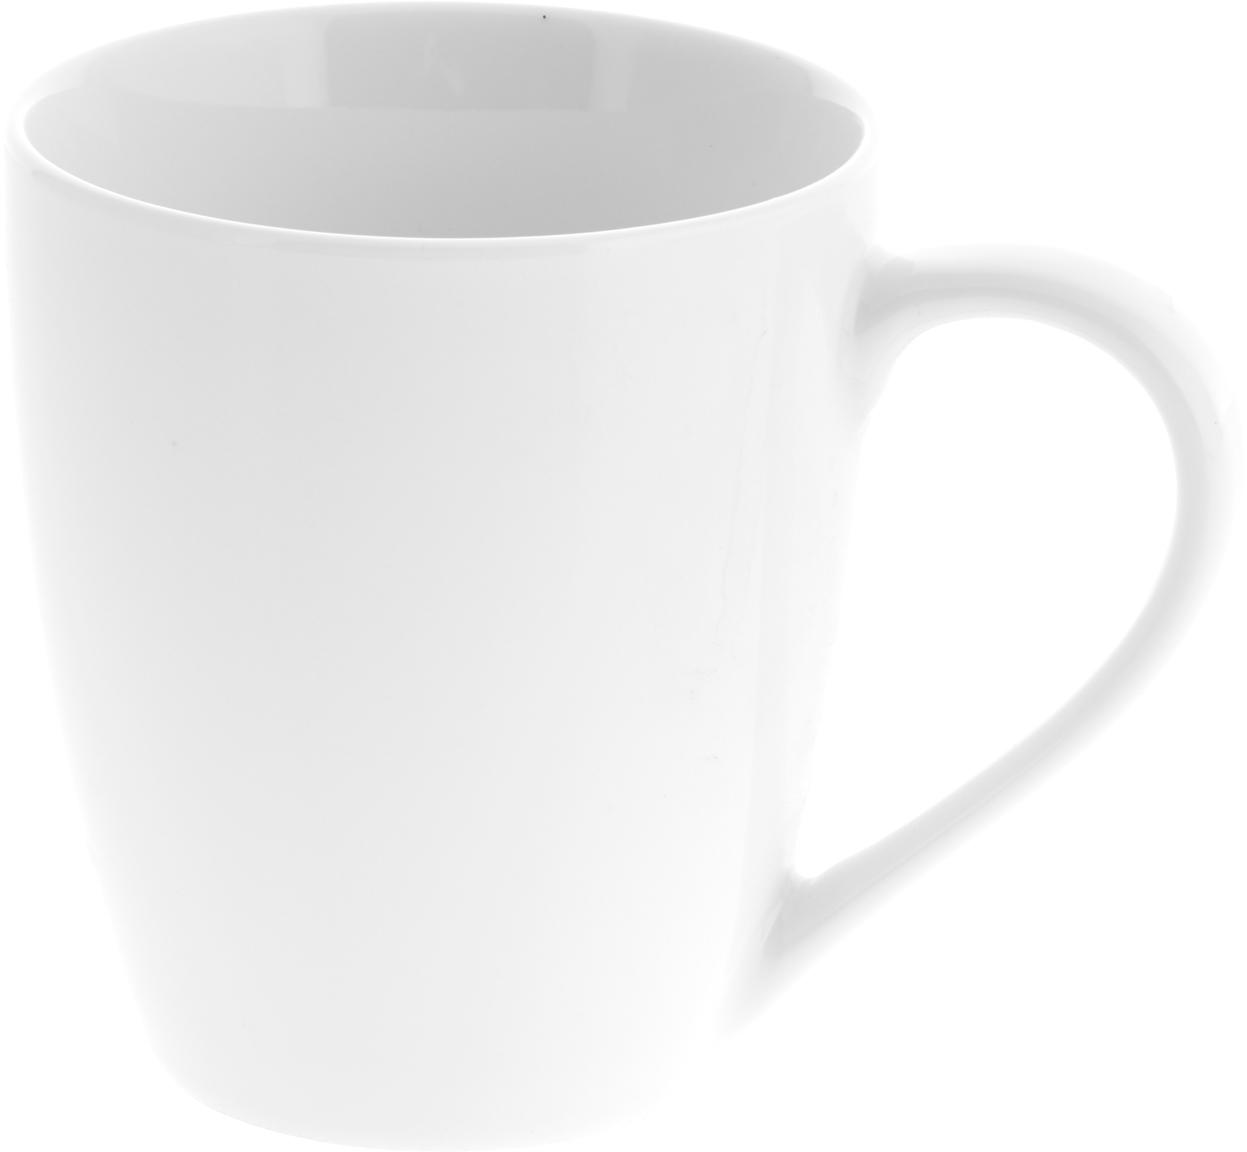 Porzellan-Tassen Delight in Weiss, 2 Stück, Porzellan, Weiss, Ø 9 x H 10 cm